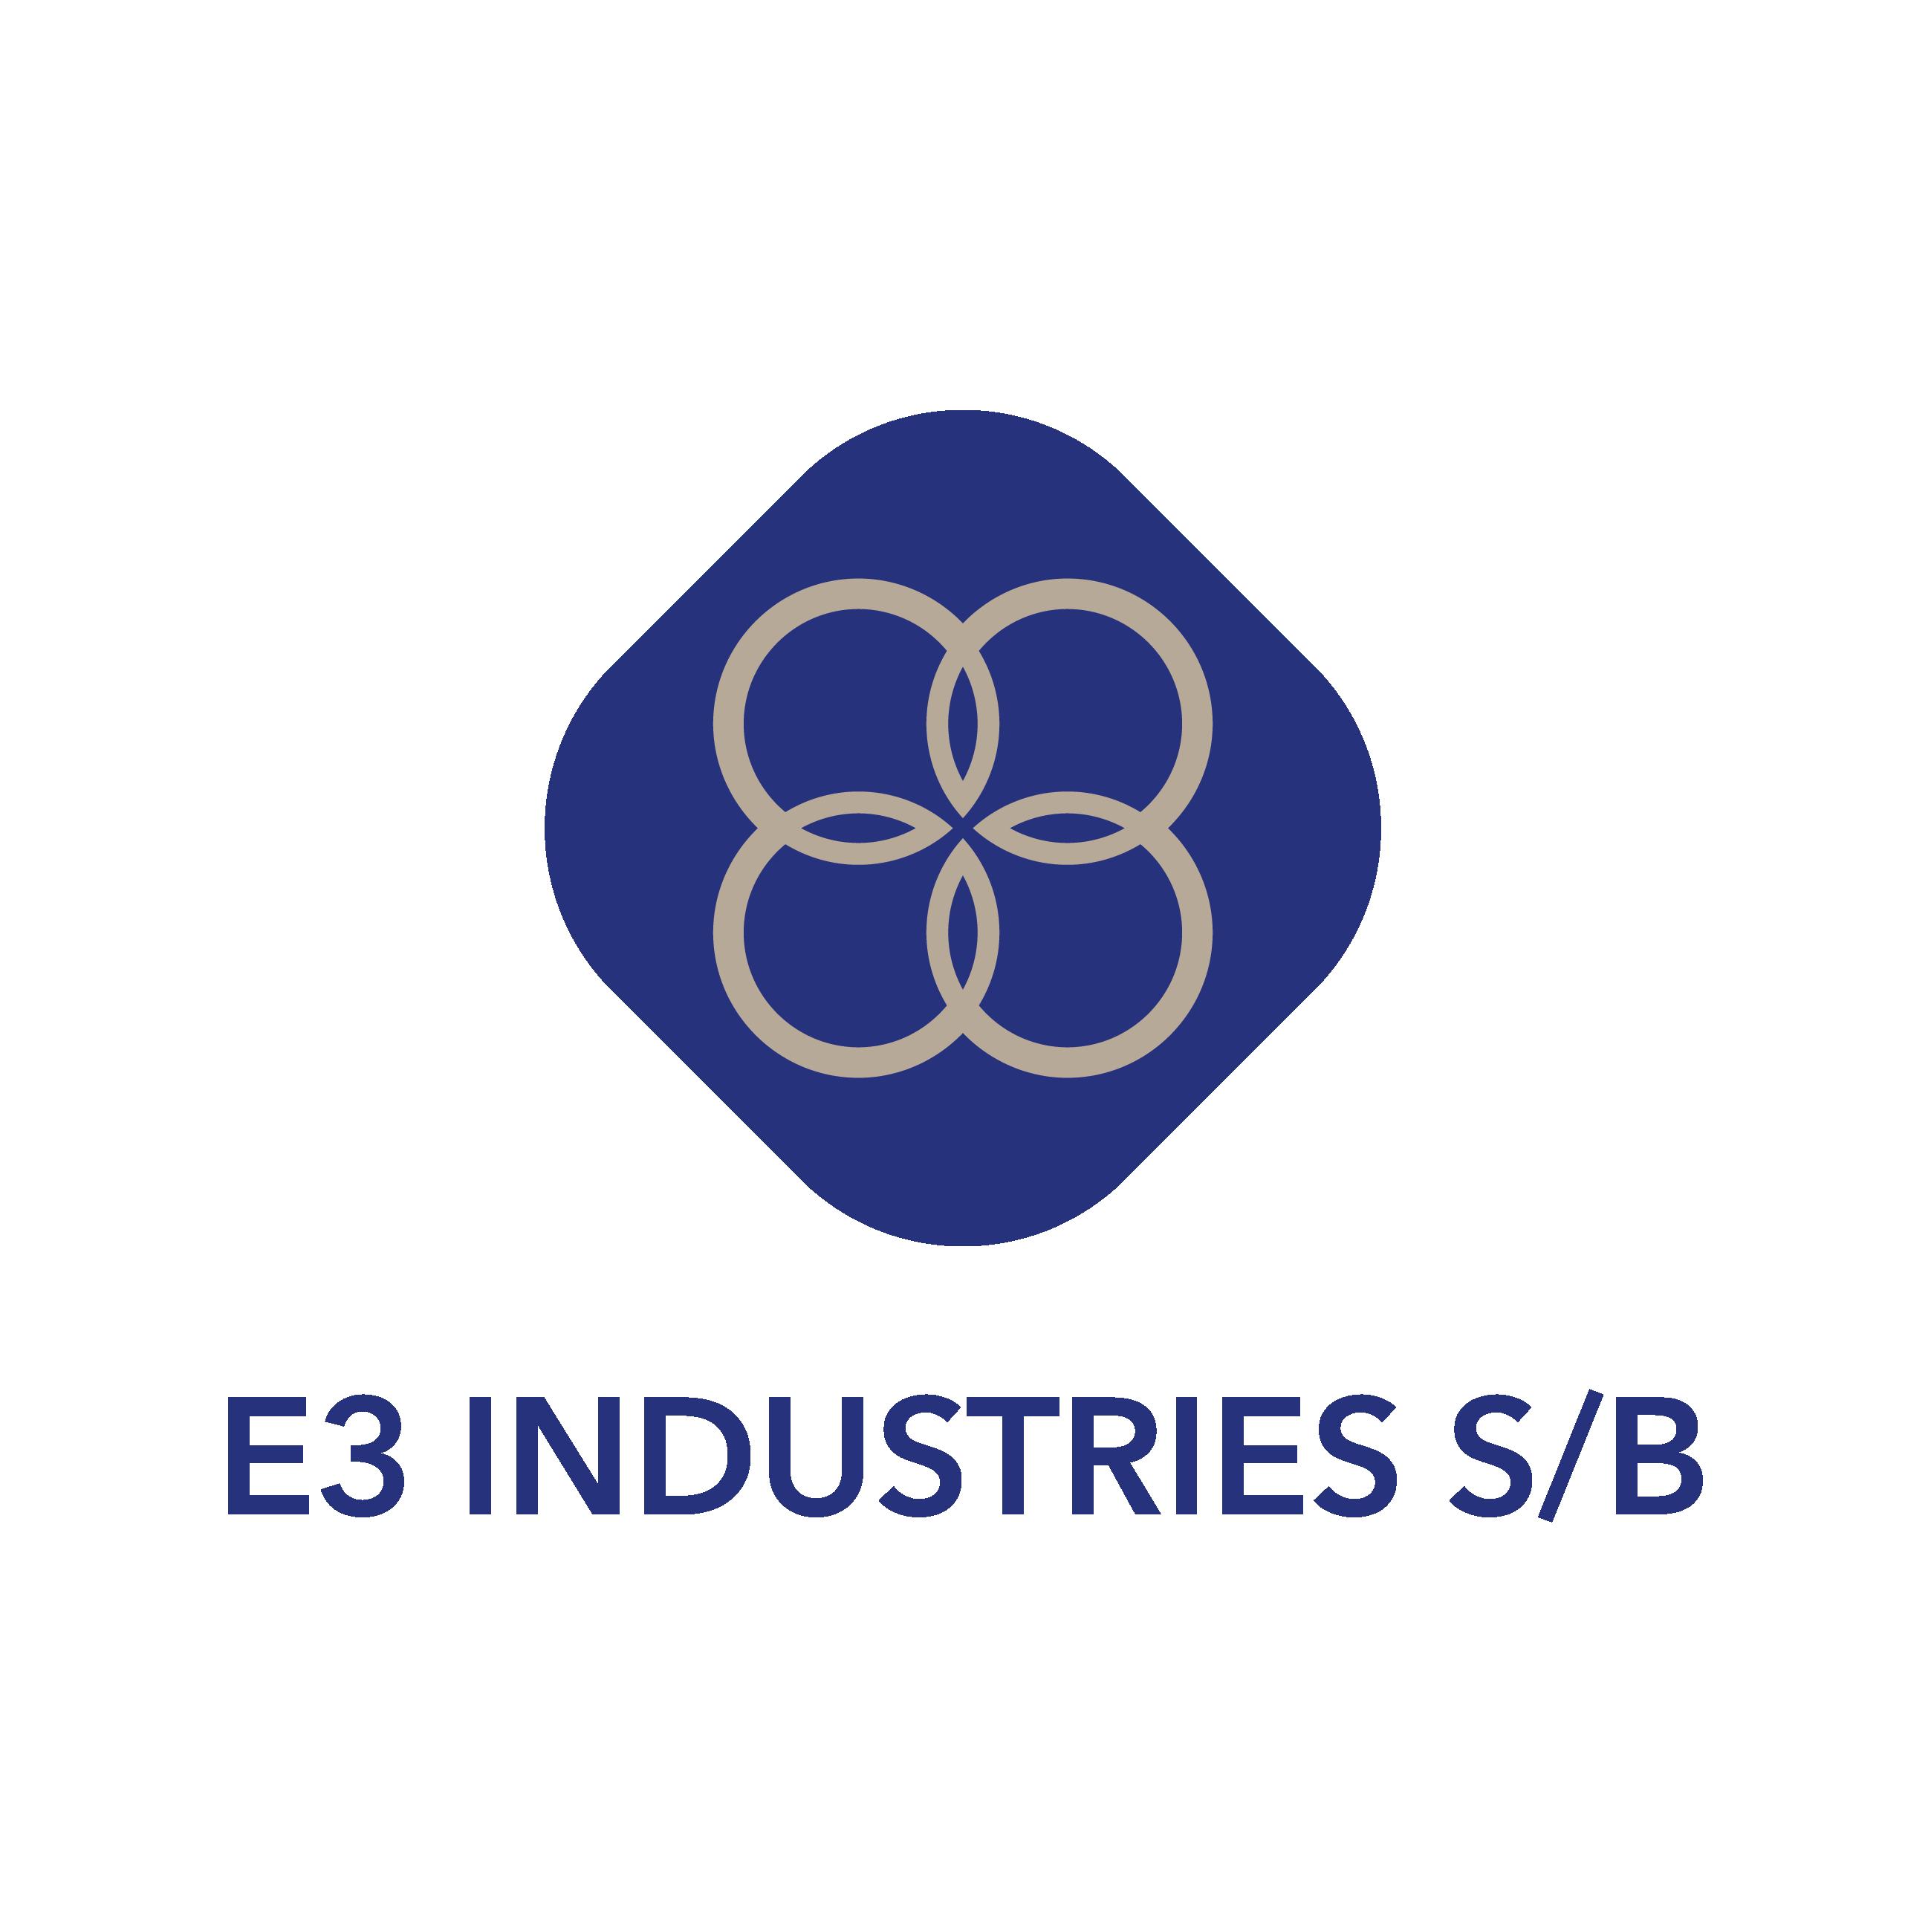 E3 INDUSTRIES SDN BHD